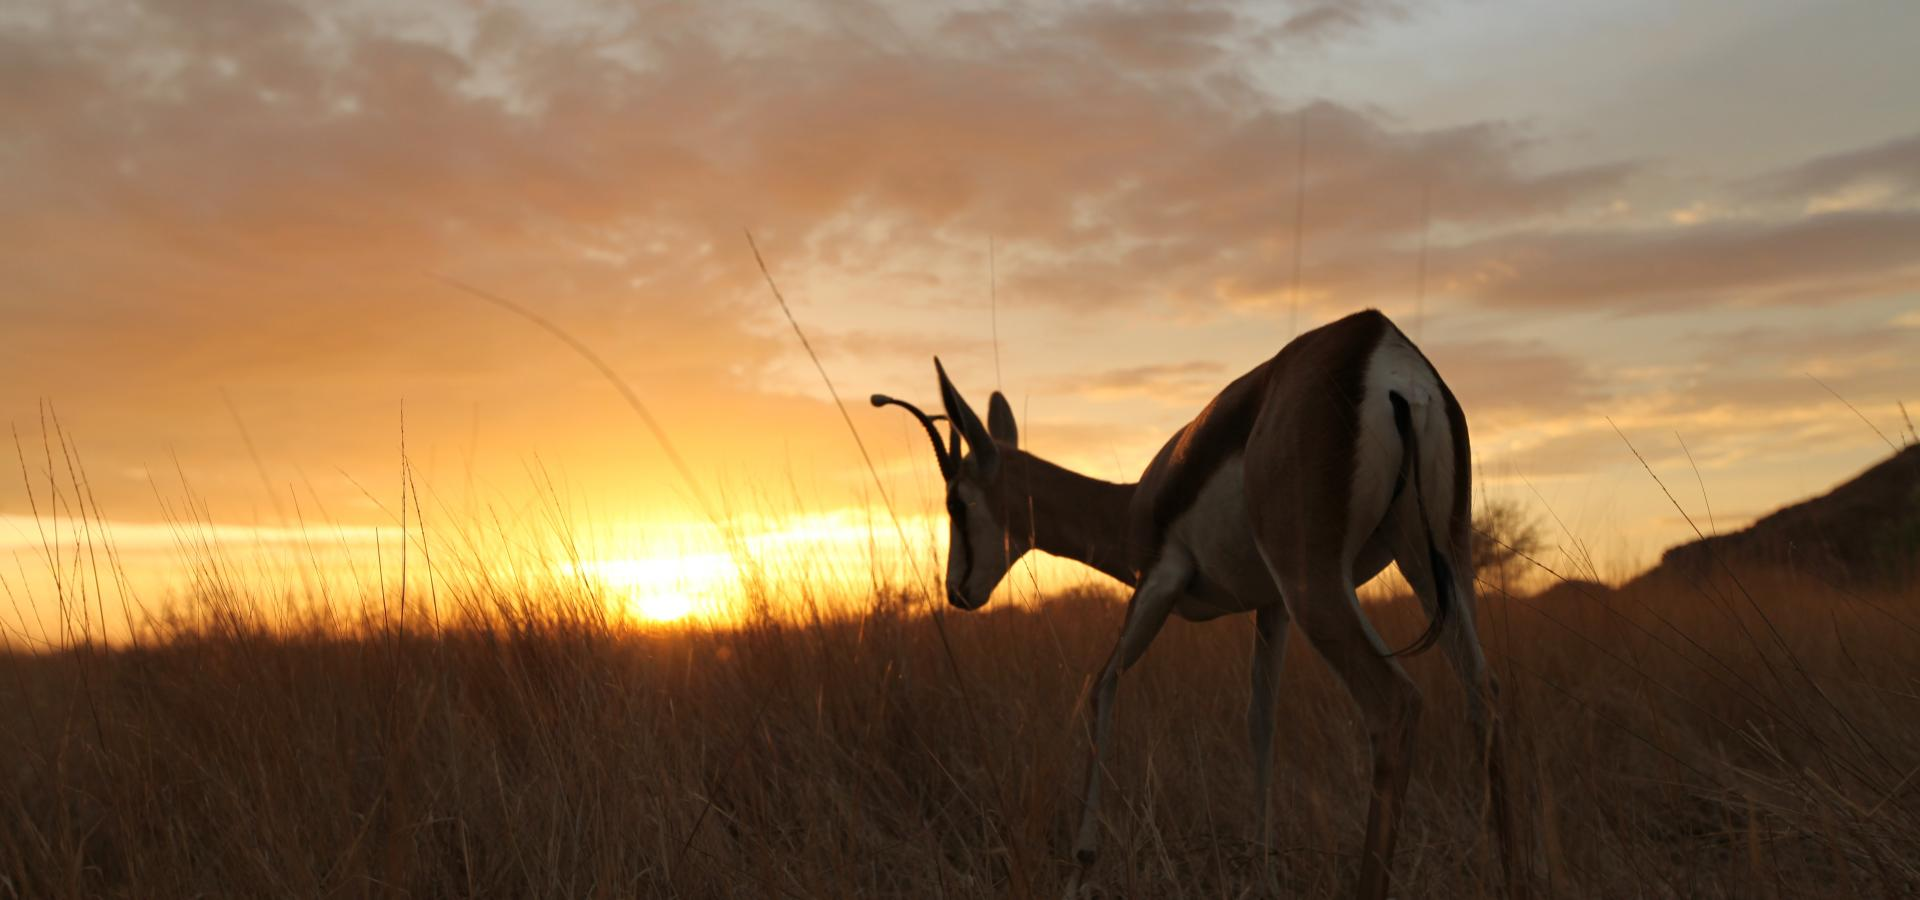 Erleben Sie faszinierende Sonnenuntergänge und spannende Tierbeobachtungen in der Namib Wüste in Namibia